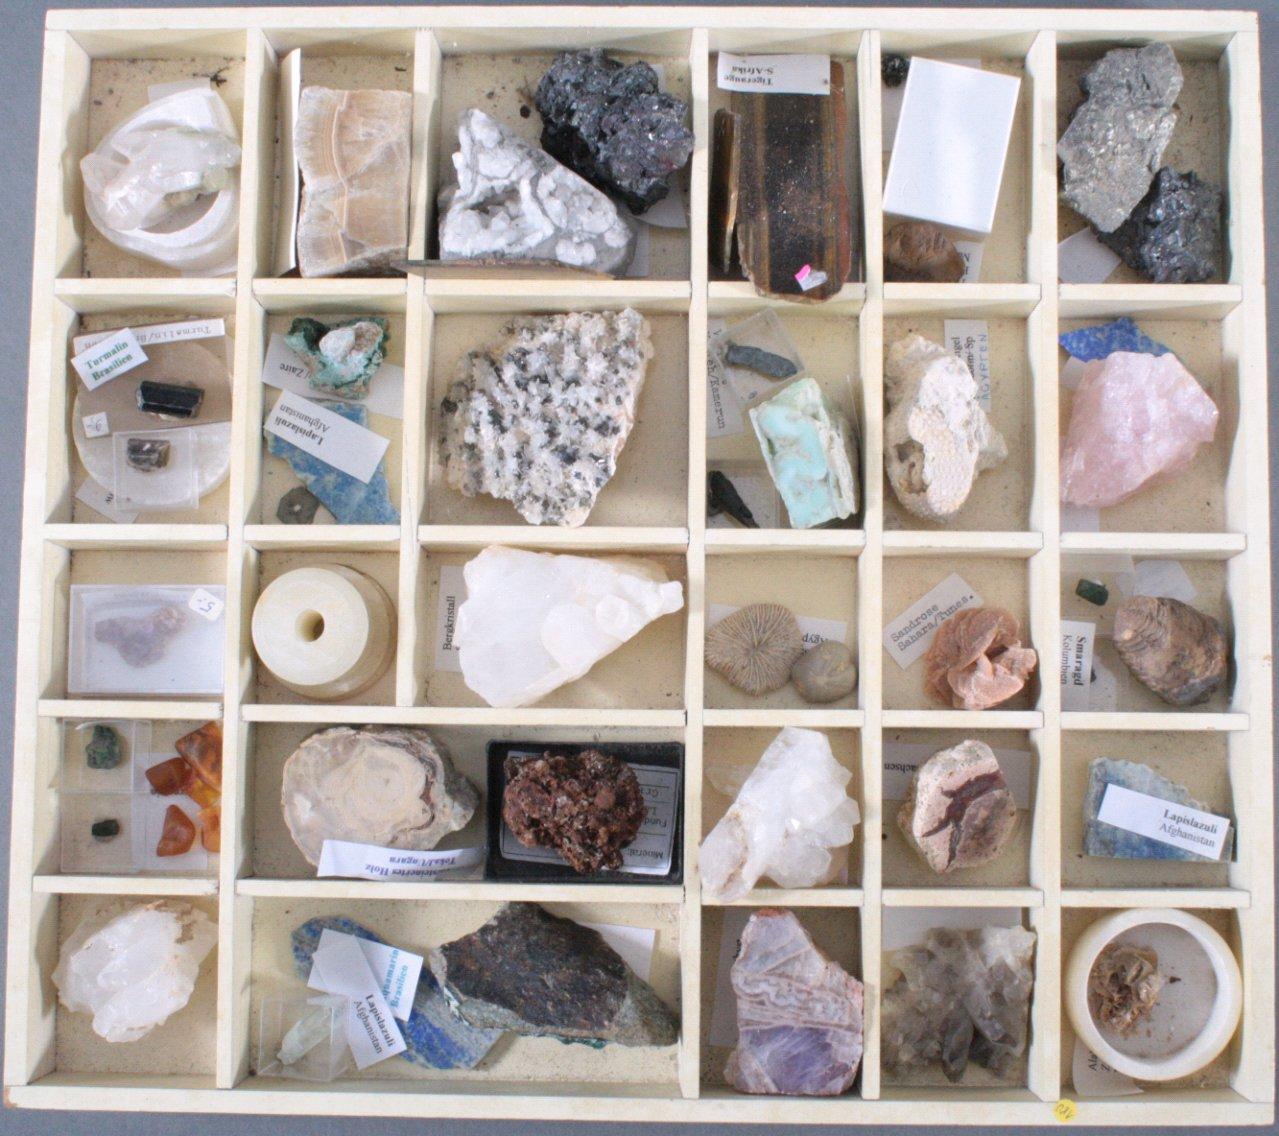 Mineraliensammlung im Setzkasten